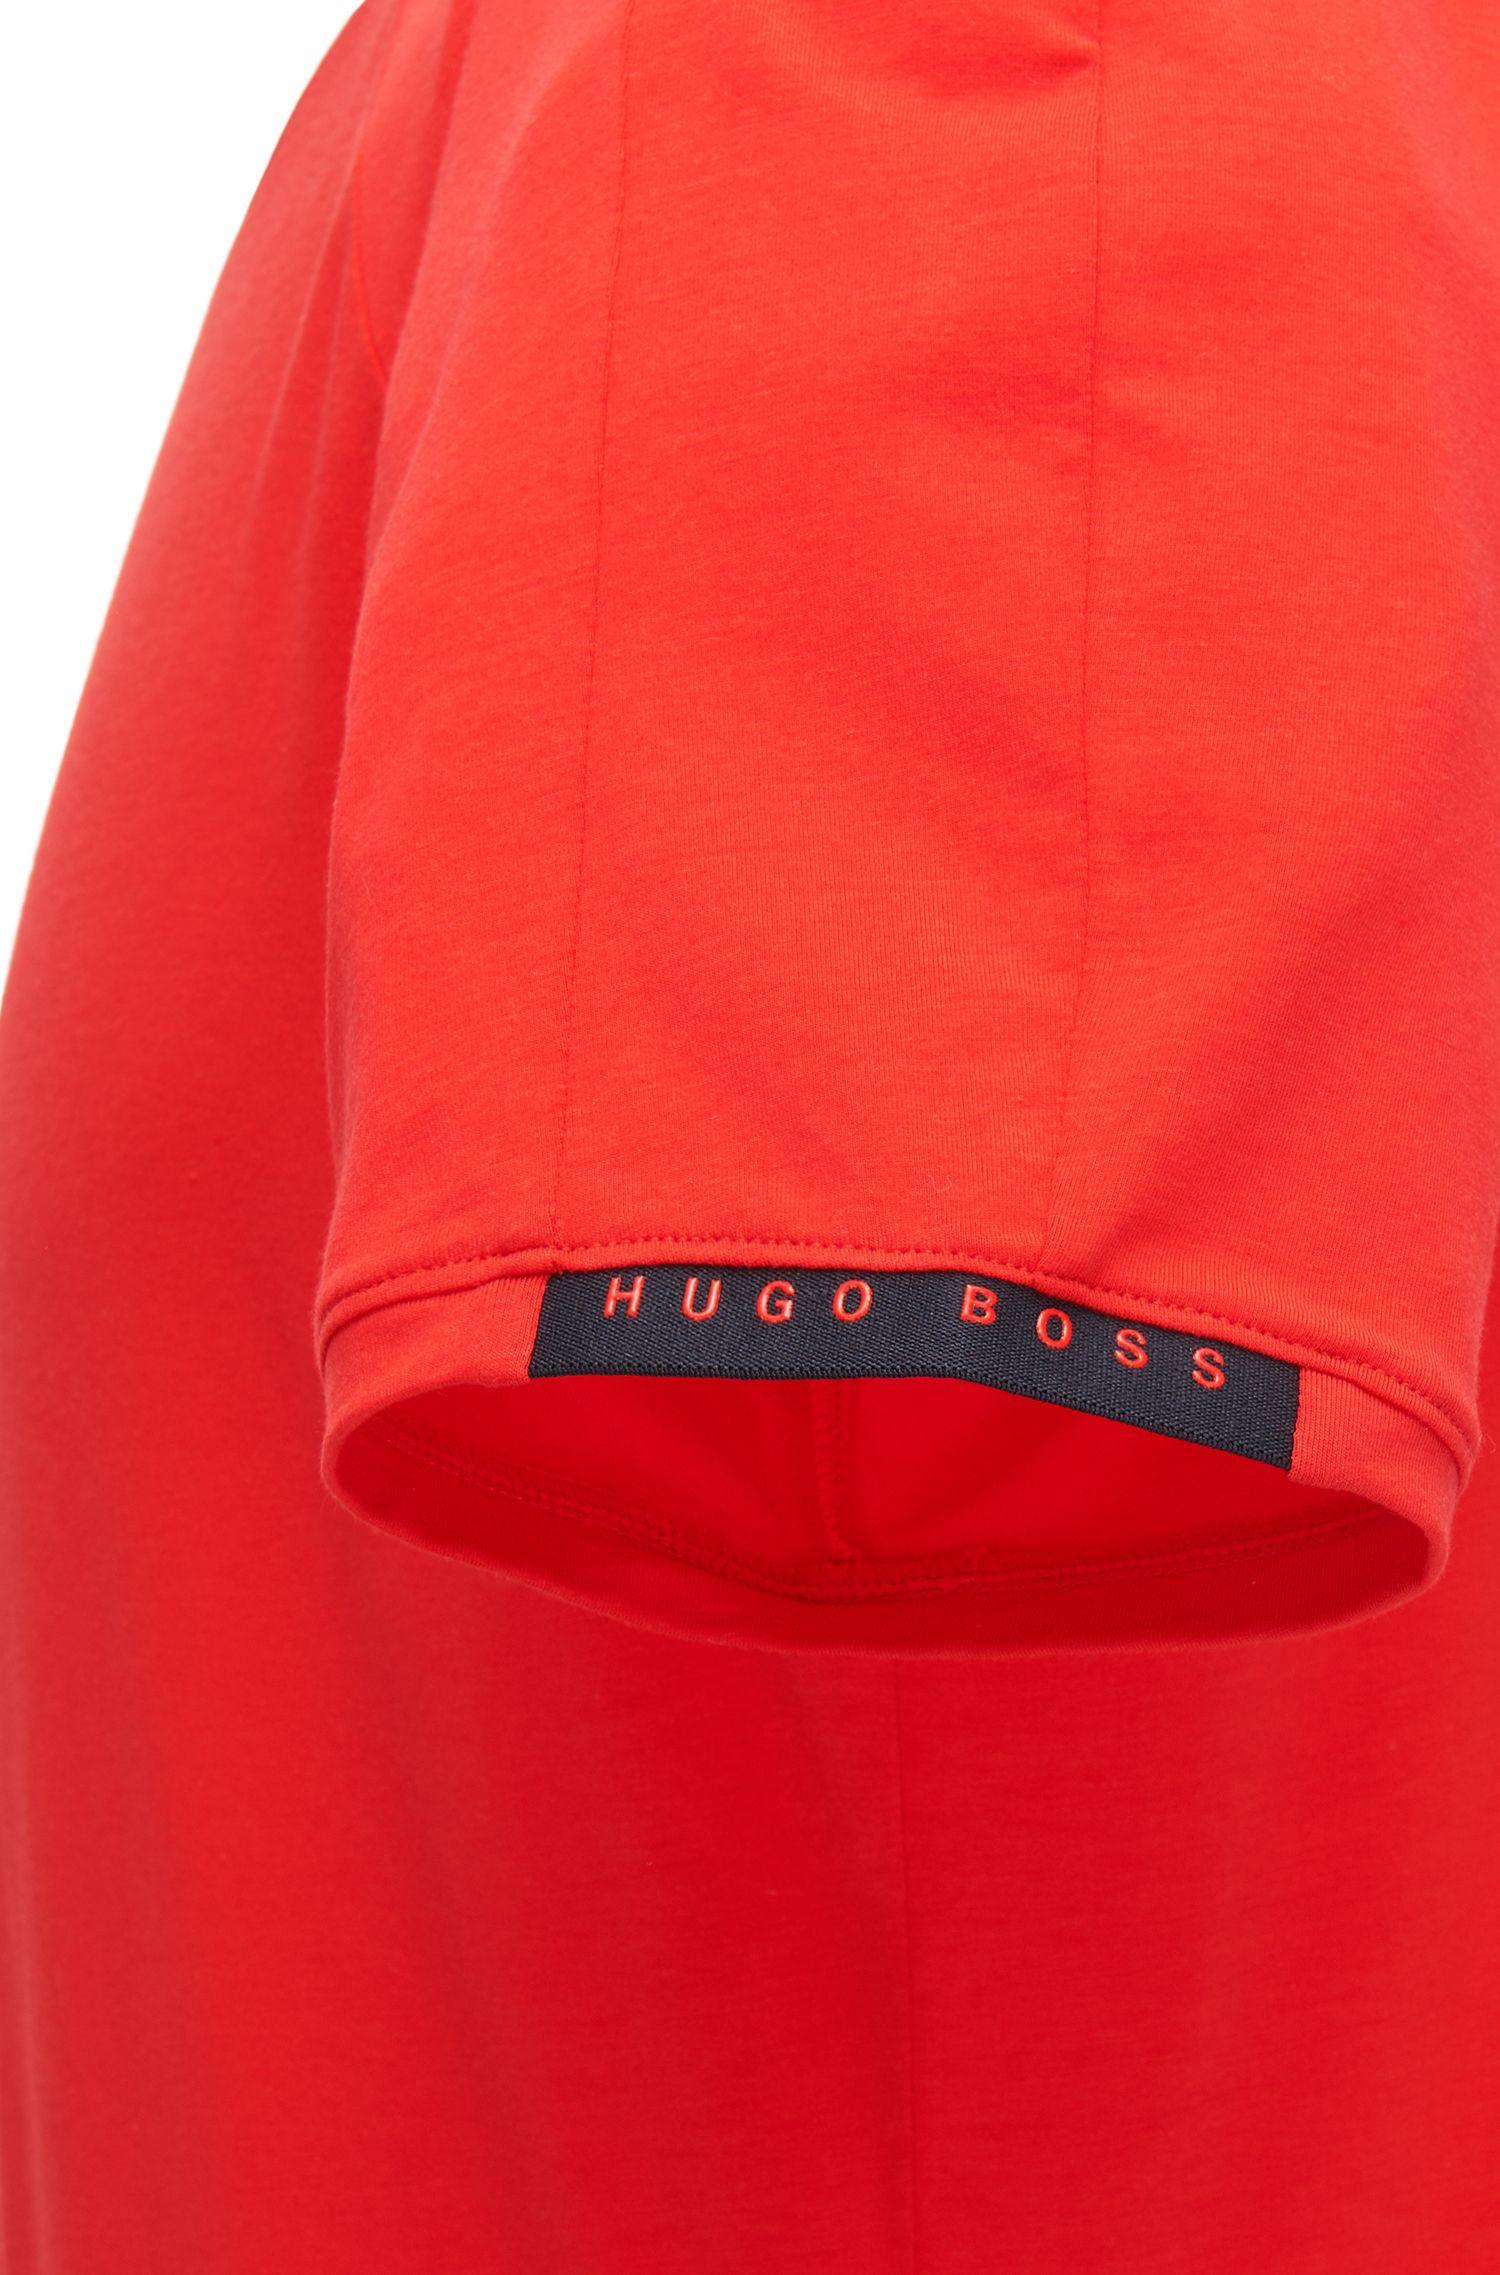 Unterhemd aus elastischem Baumwoll-Mix mit Rundhalsausschnitt